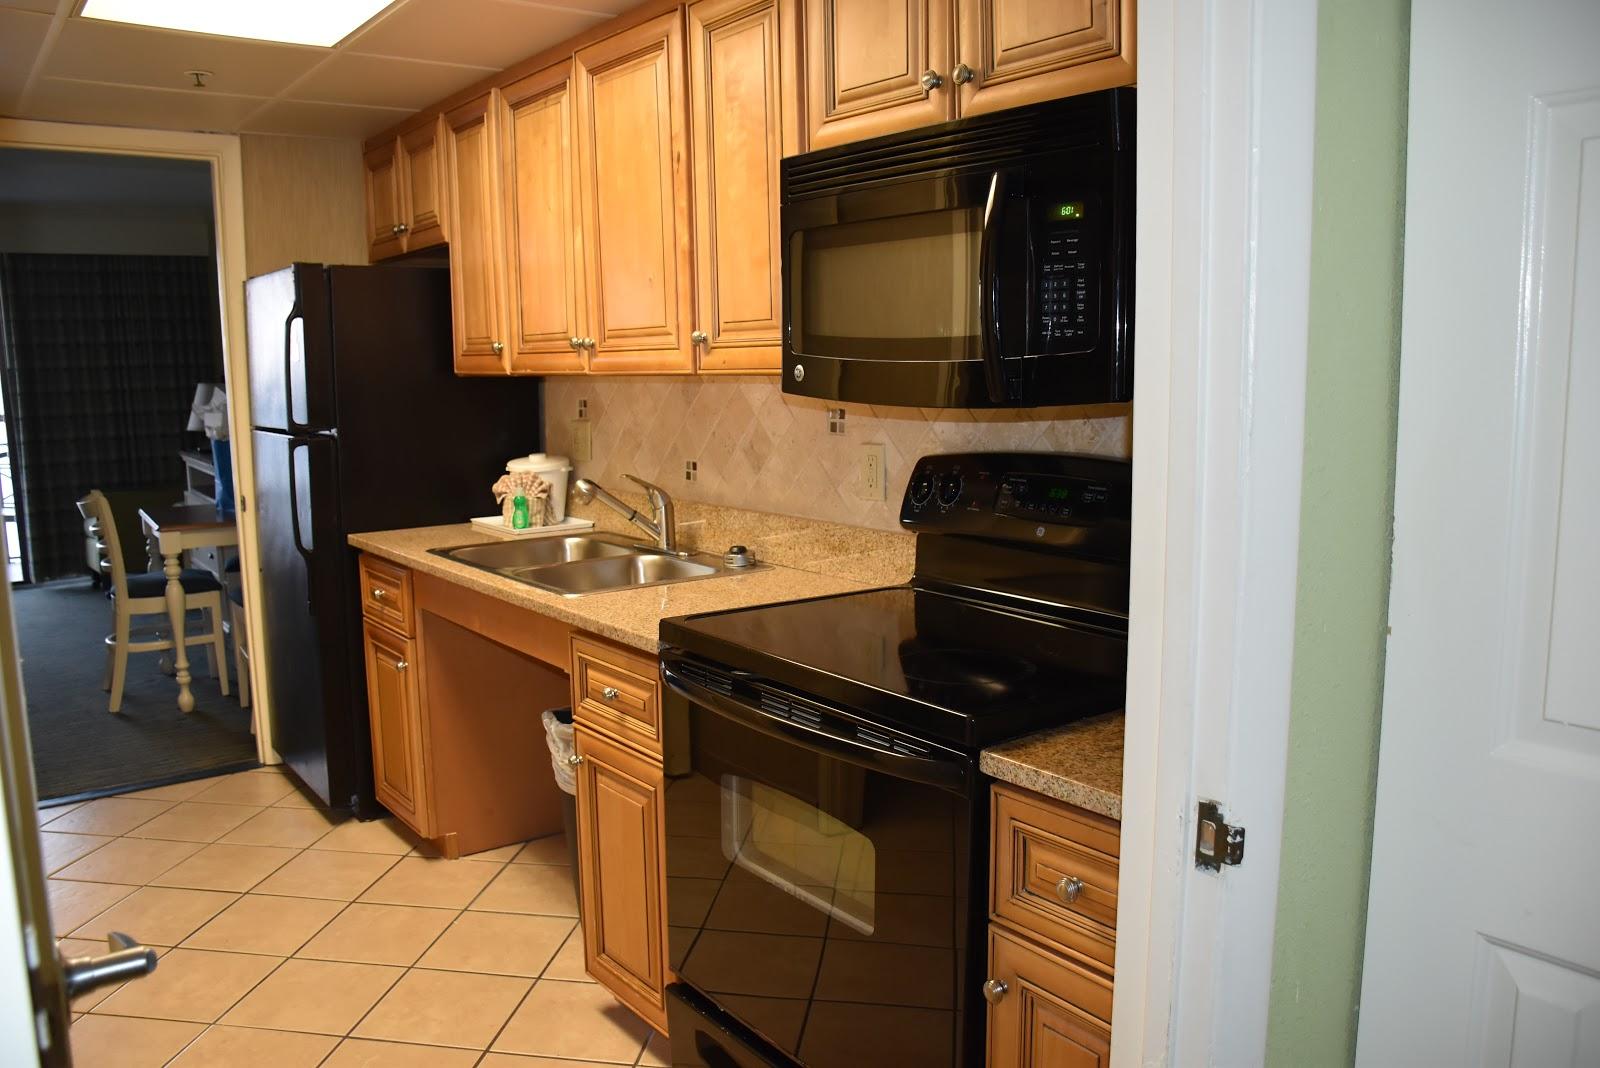 Kitchen in 1 Bedroom Caribbean Resort and Villas in Myrtle Beach